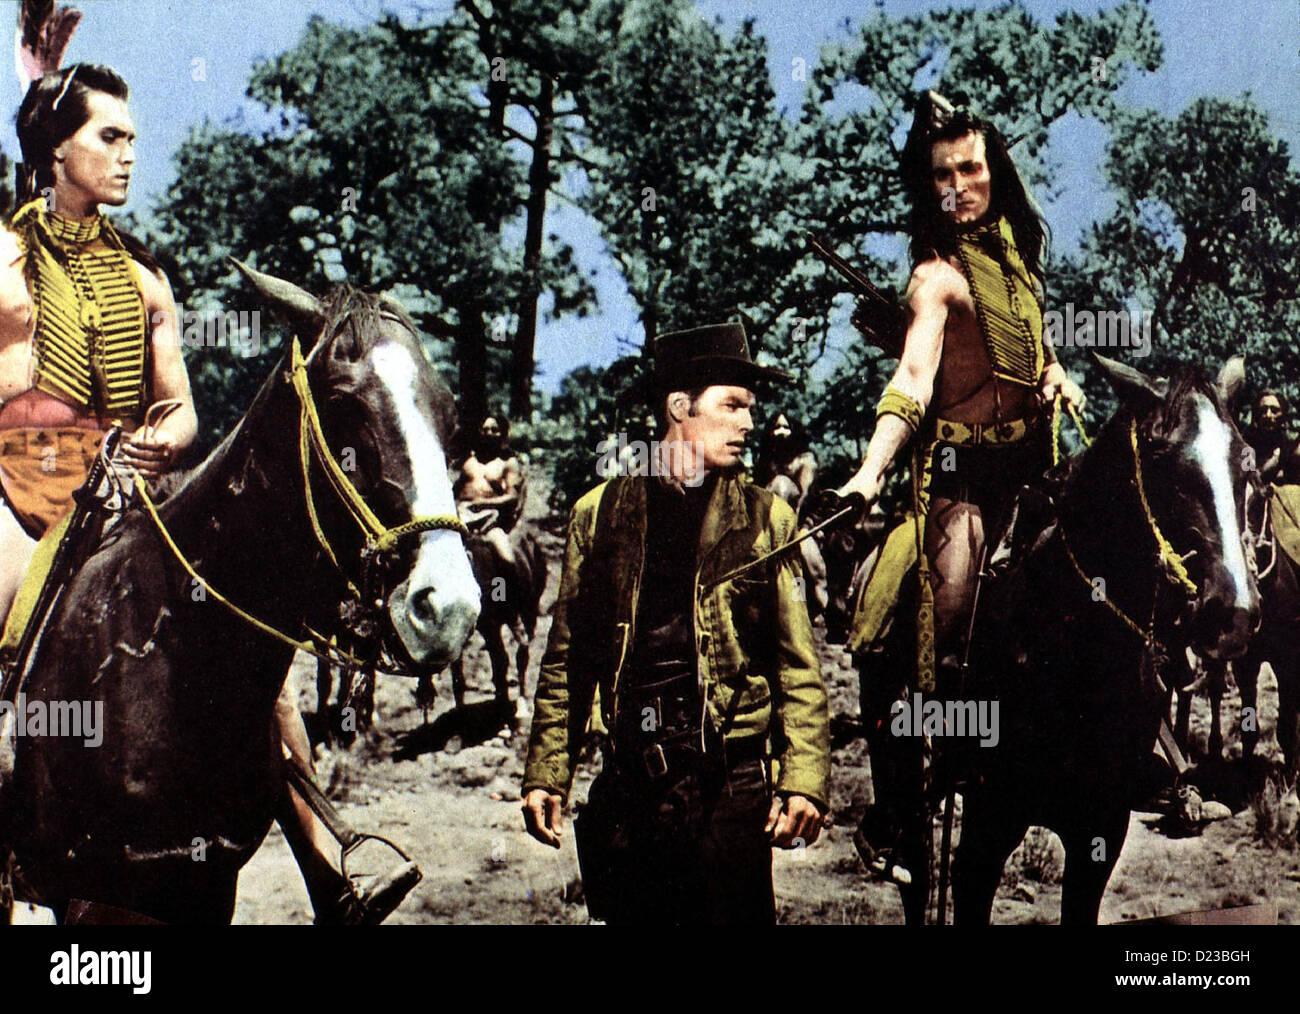 Die Weisse Feder  White Feather,  Jeffrey Hunter, Robert Wagner, Hugh O'Brian Die Weissen haben die Cheyenne - Stock Image